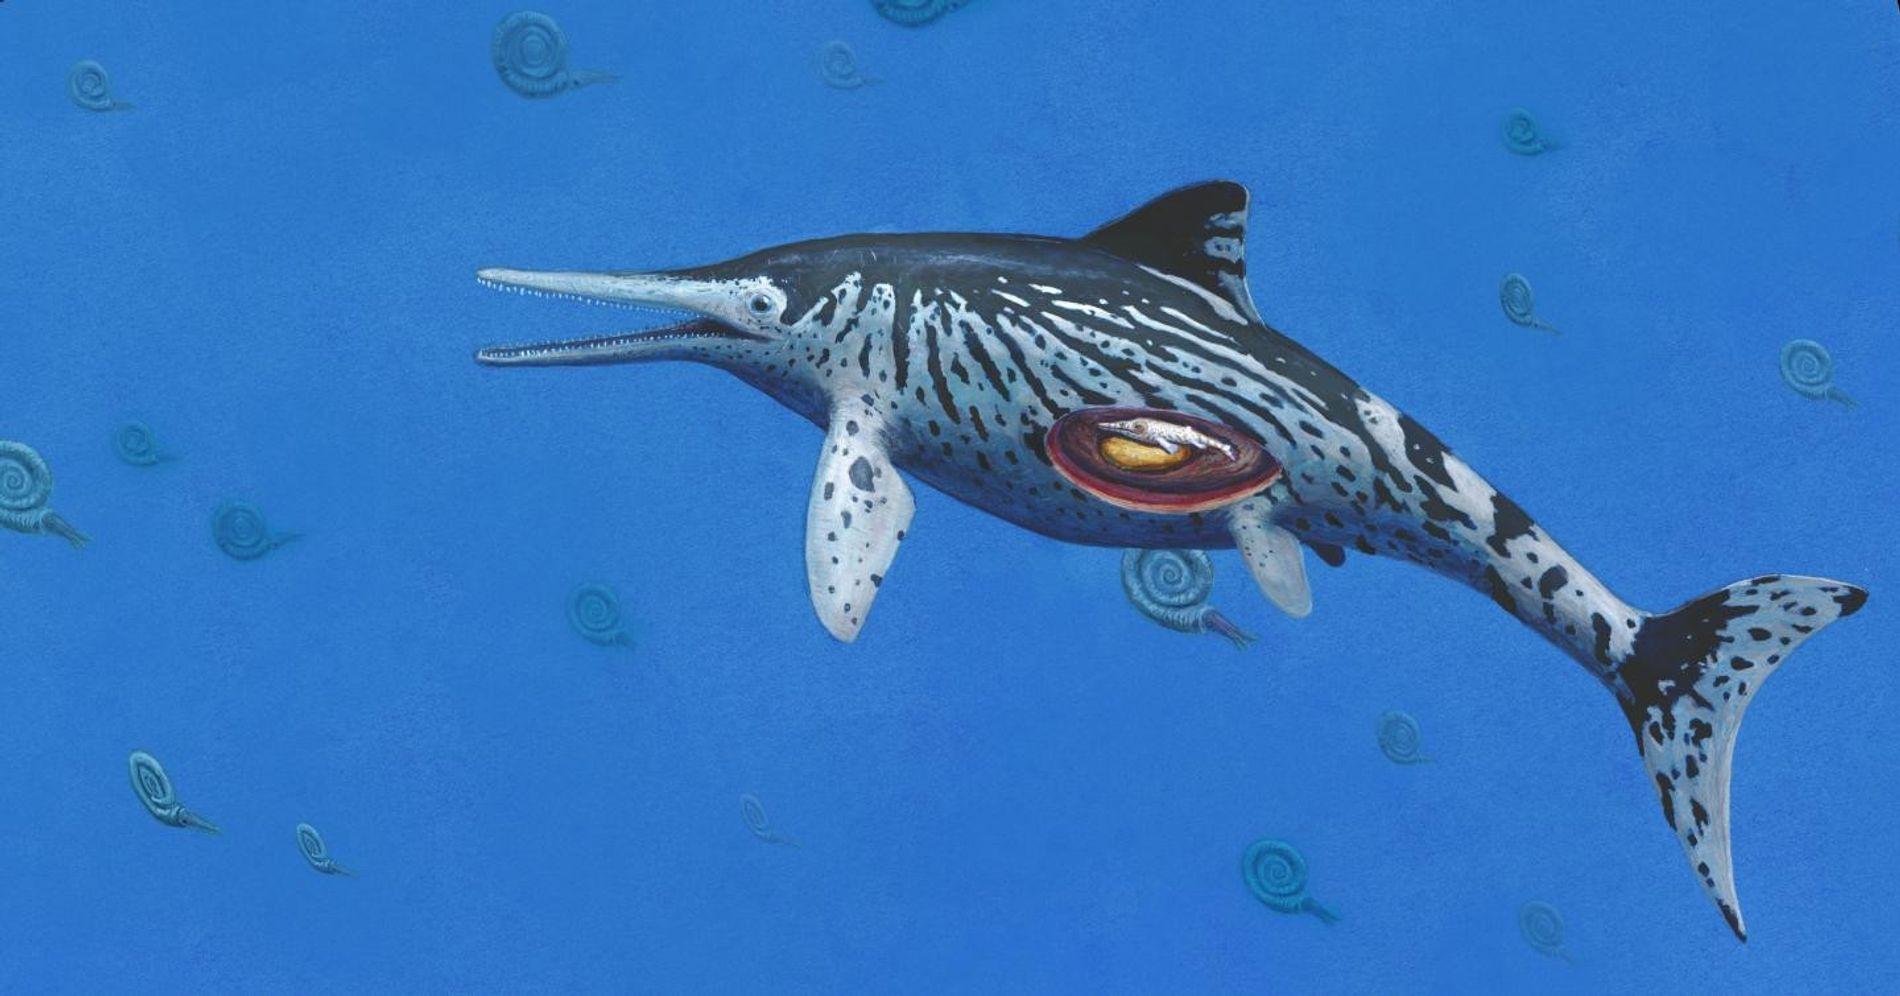 Zufallsfund: Ichthyosaurus-Fossil in Museum in Hannover entdeckt